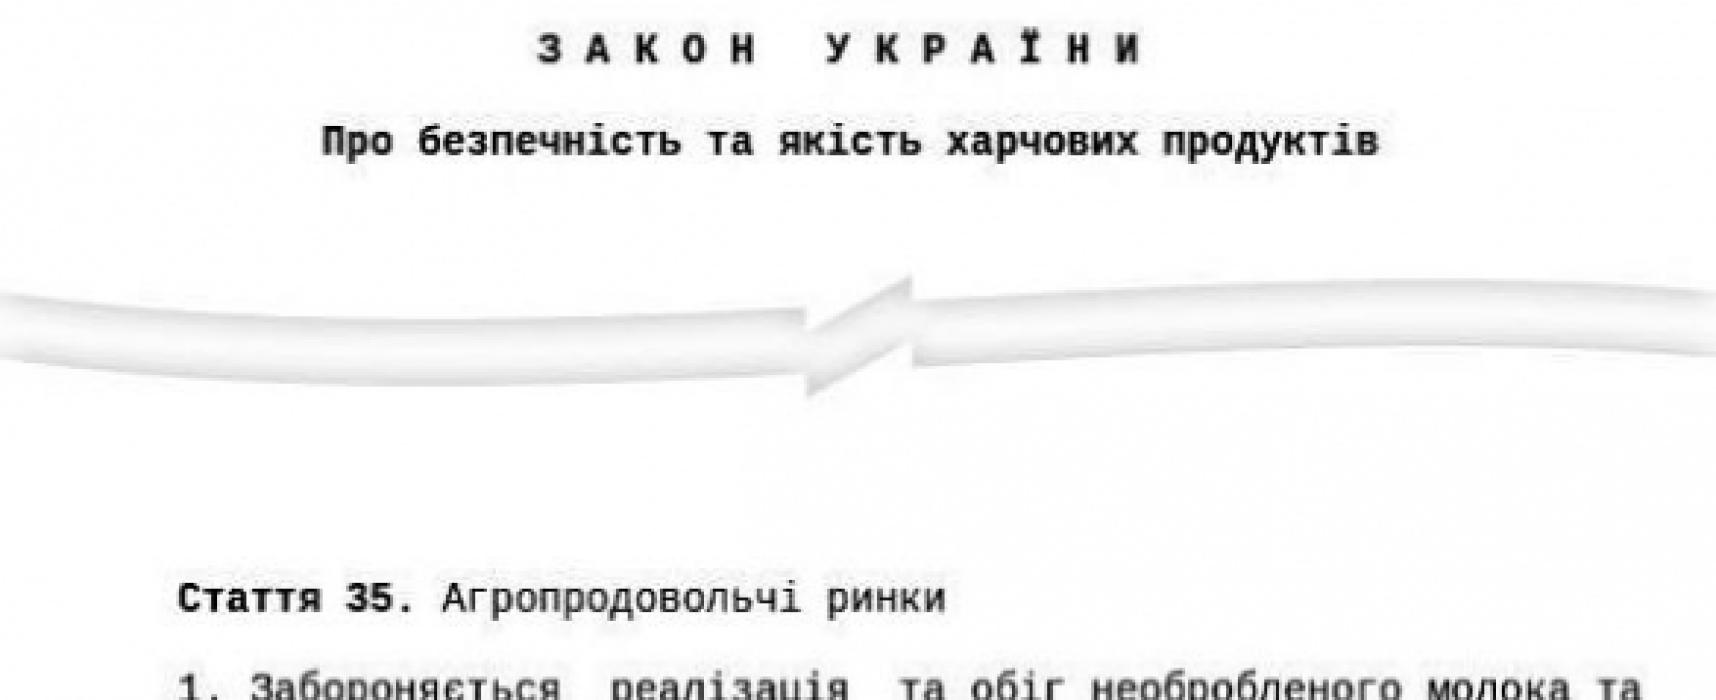 Украинский закон 1997-го года представили как принятый в 2014-м